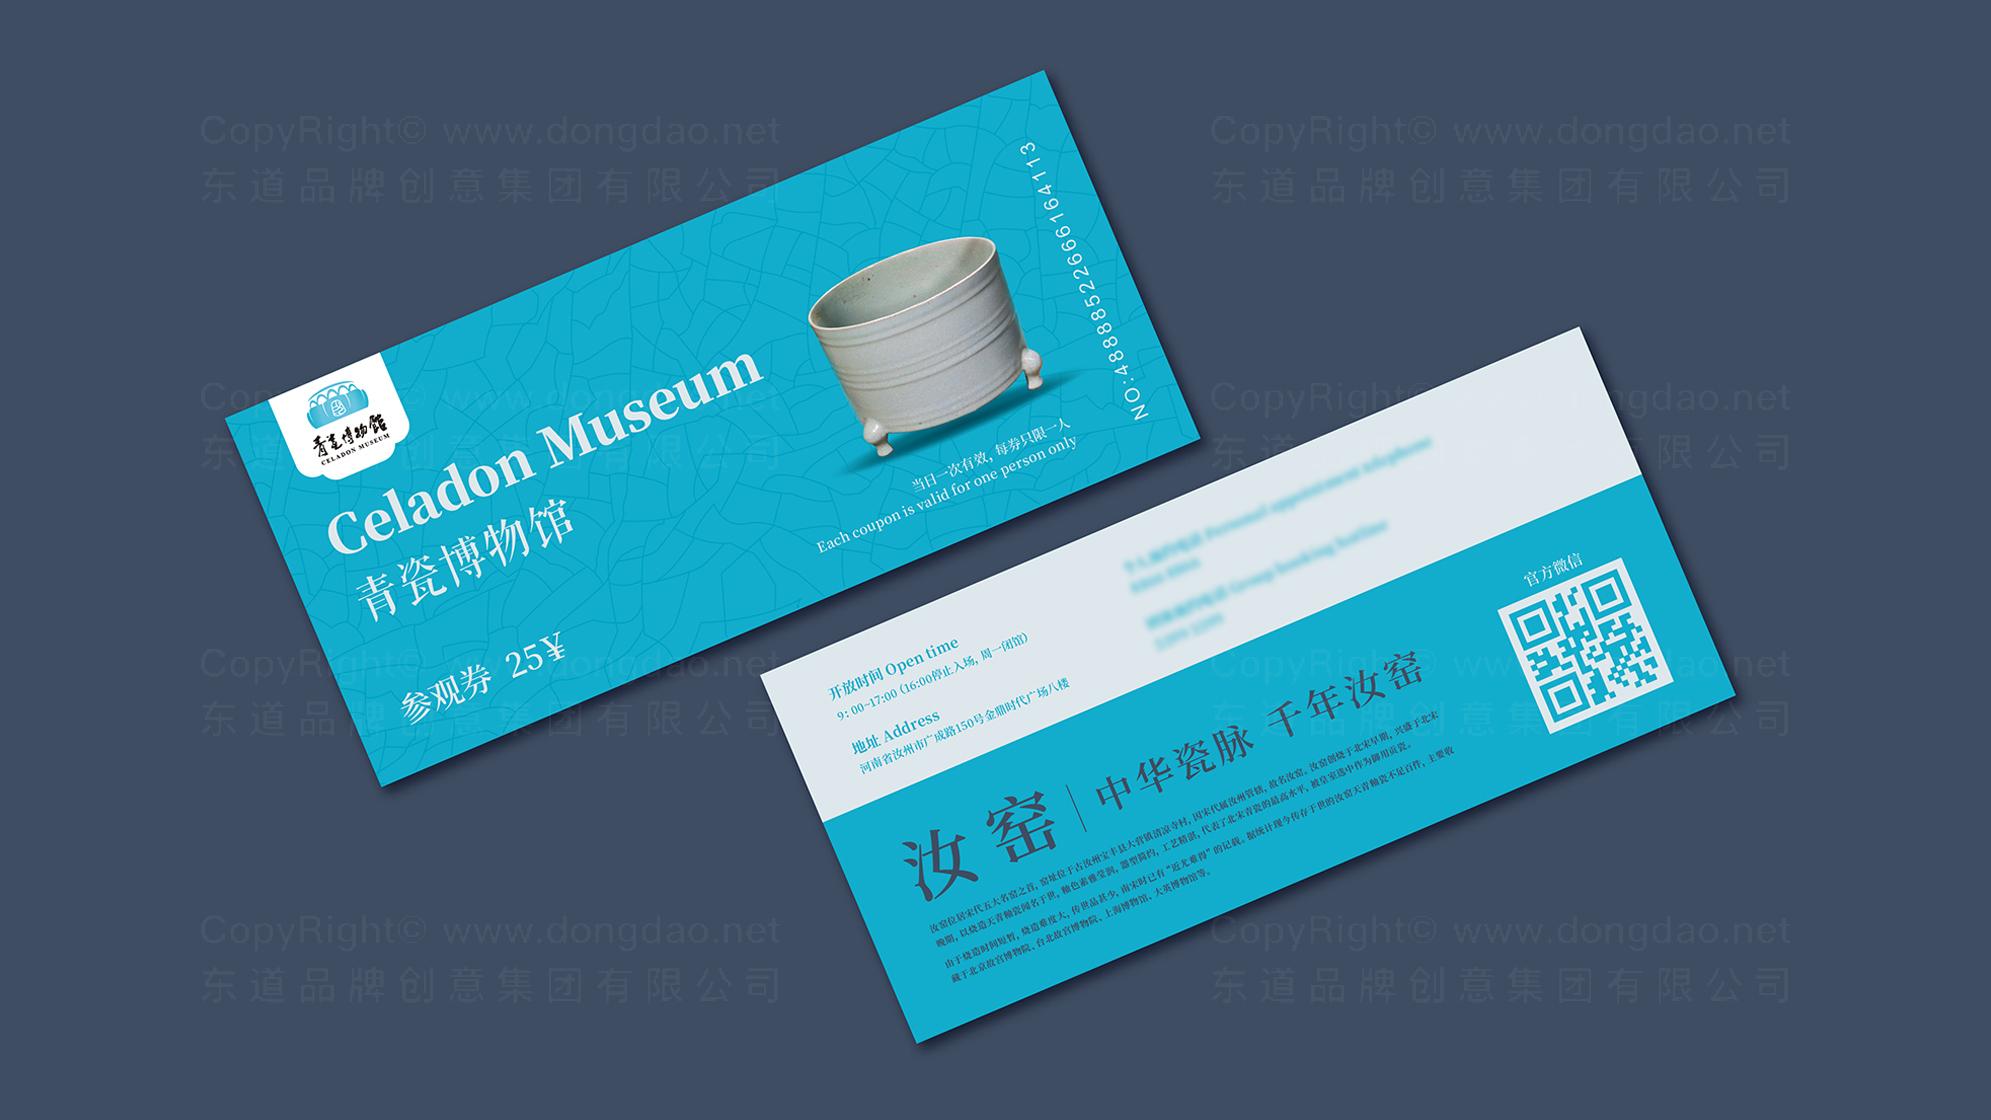 品牌设计青瓷博物馆logo设计、vi设计应用场景_5